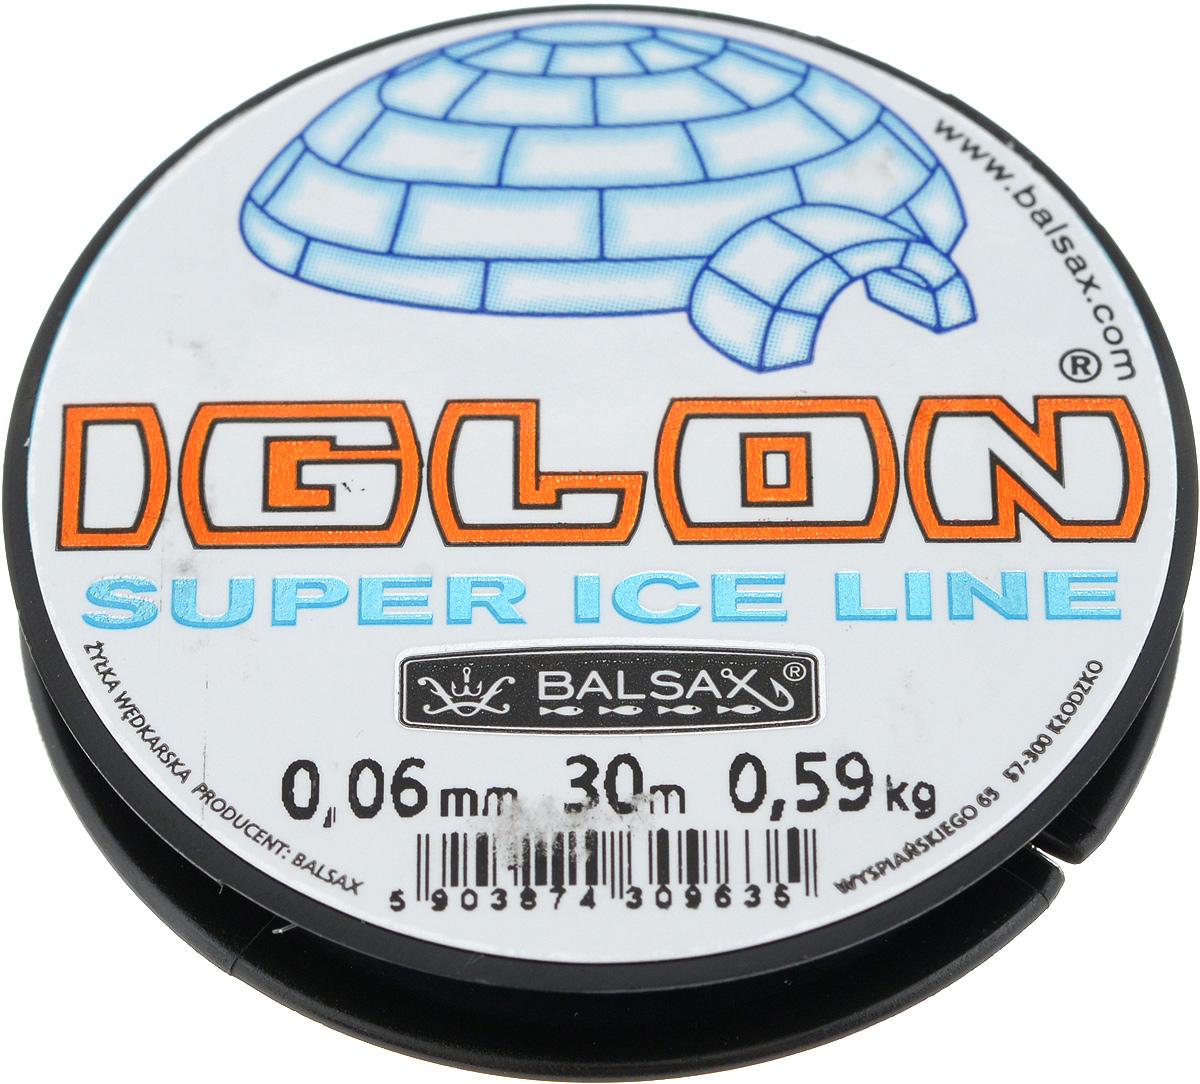 Леска зимняя Balsax Iglon, 30 м, 0,06 мм, 0,59 кг312-06006Леска Balsax Iglon изготовлена из 100% нейлона и очень хорошо выдерживает низкие температуры. Даже в самом холодном климате, при температуре вплоть до -40°C, она сохраняет свои свойства практически без изменений, в то время как традиционные лески становятся менее эластичными и теряют прочность. Поверхность лески обработана таким образом, что она не обмерзает и отлично подходит для подледного лова. Прочна в местах вязки узлов даже при минимальном диаметре.